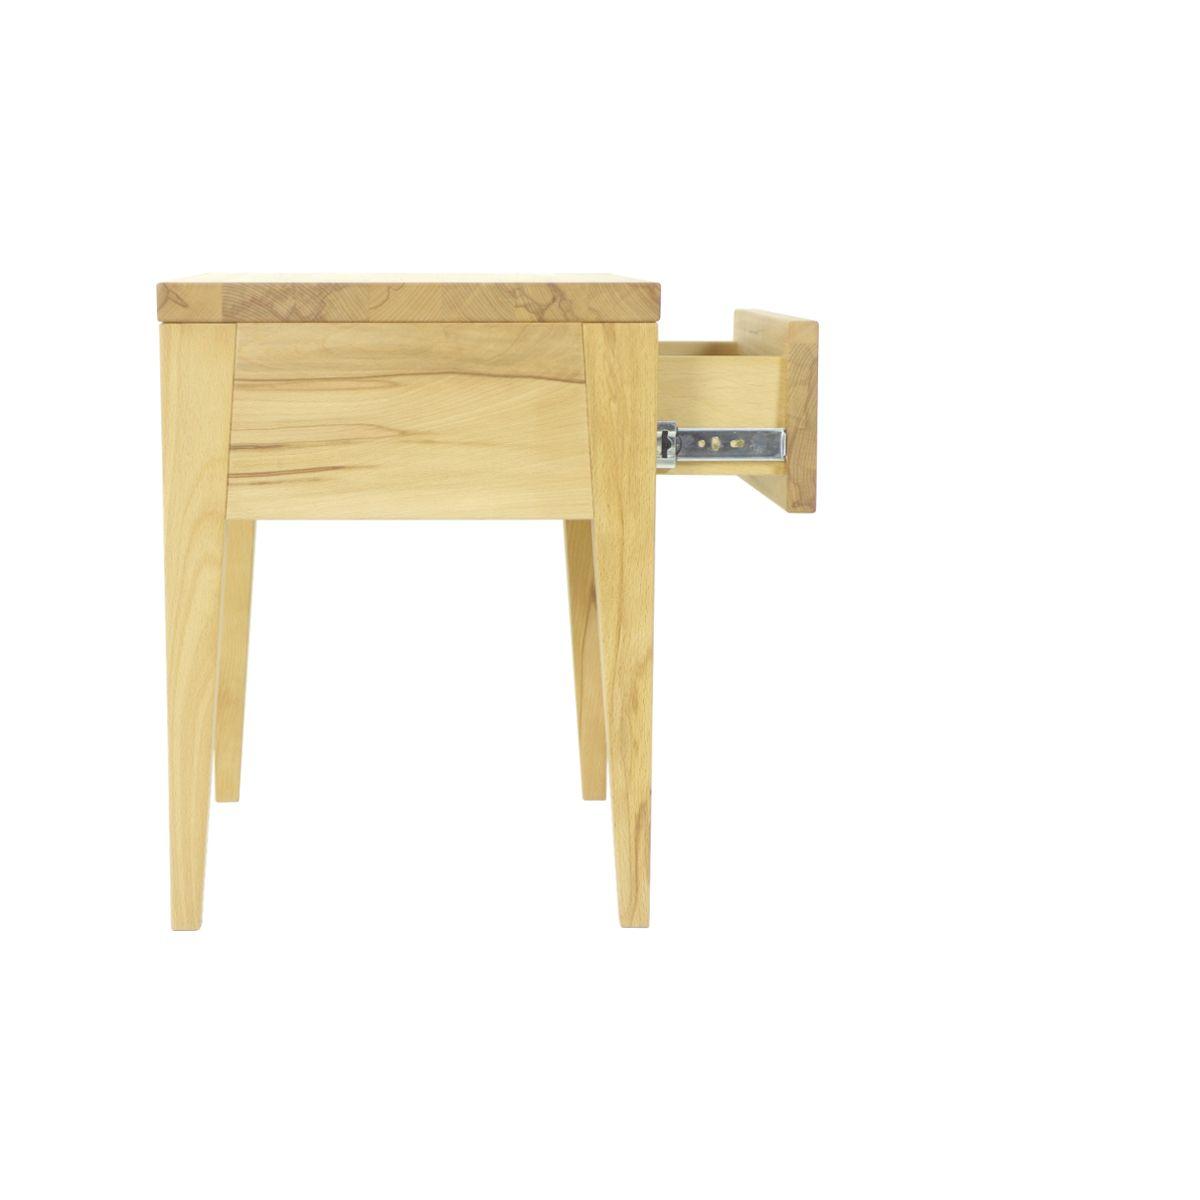 Nachttisch Mit Hohe Von 47 Cm Haus Deko Nachttisch Und Mobel Bauen